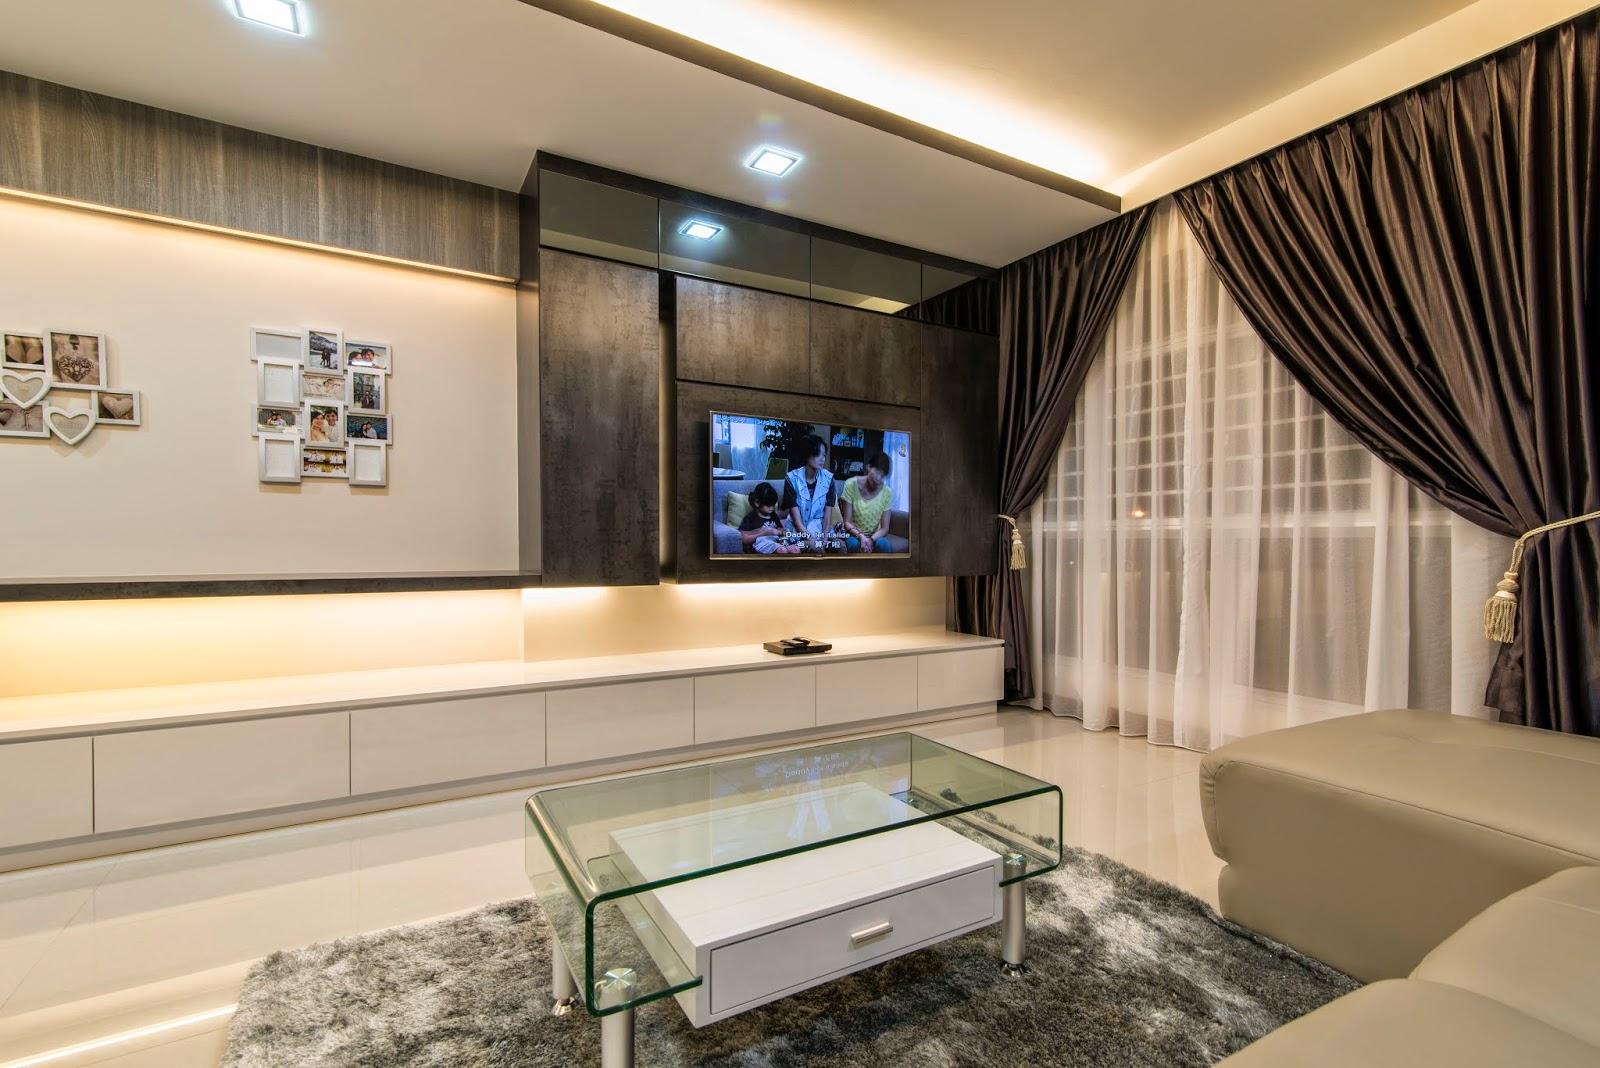 Interior design guide hdb bto 5 room interior deisgn - Modern contemporary interior design ...